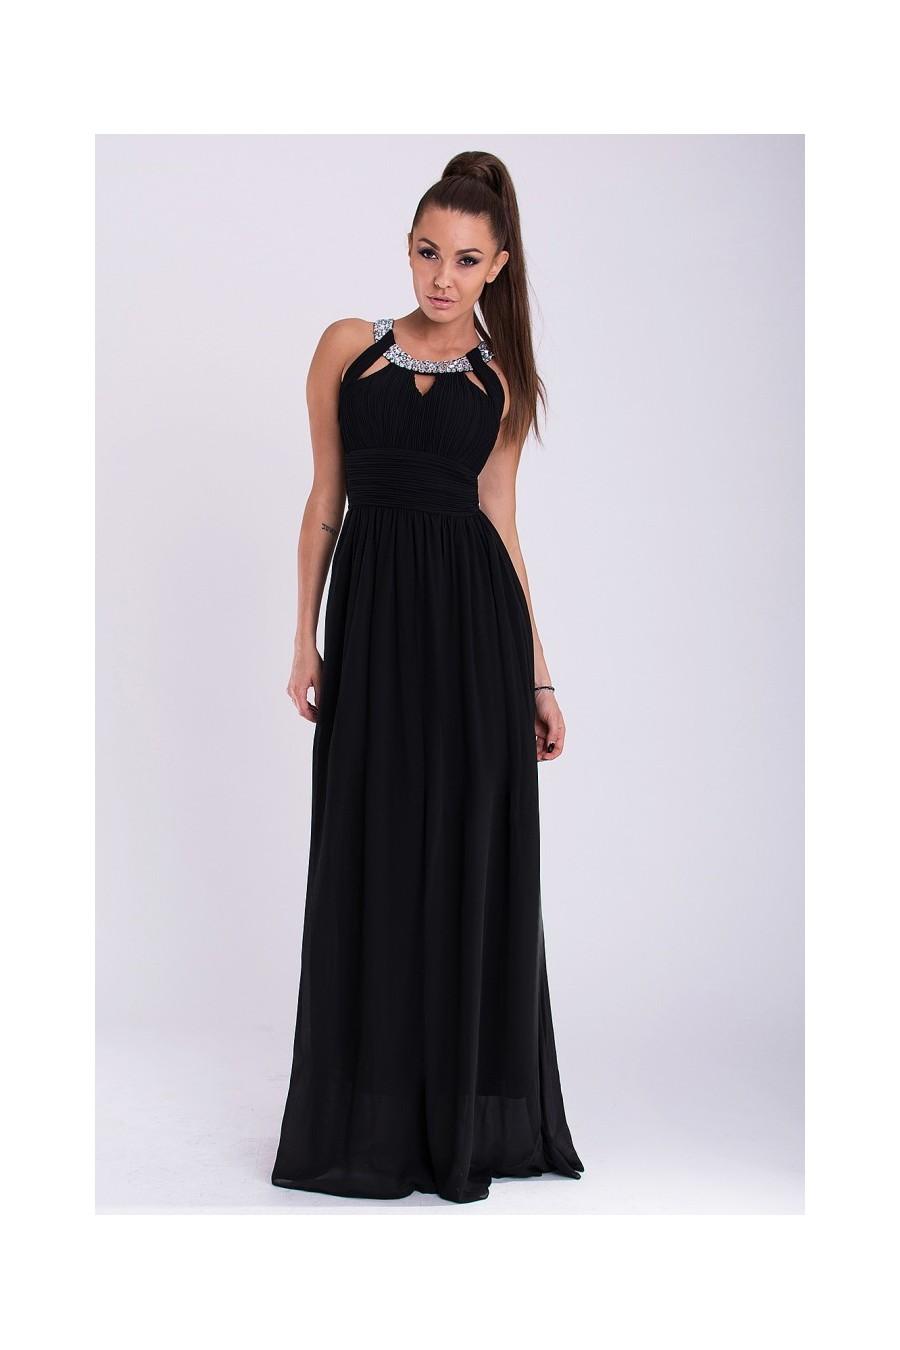 Spoločenské šaty 2656